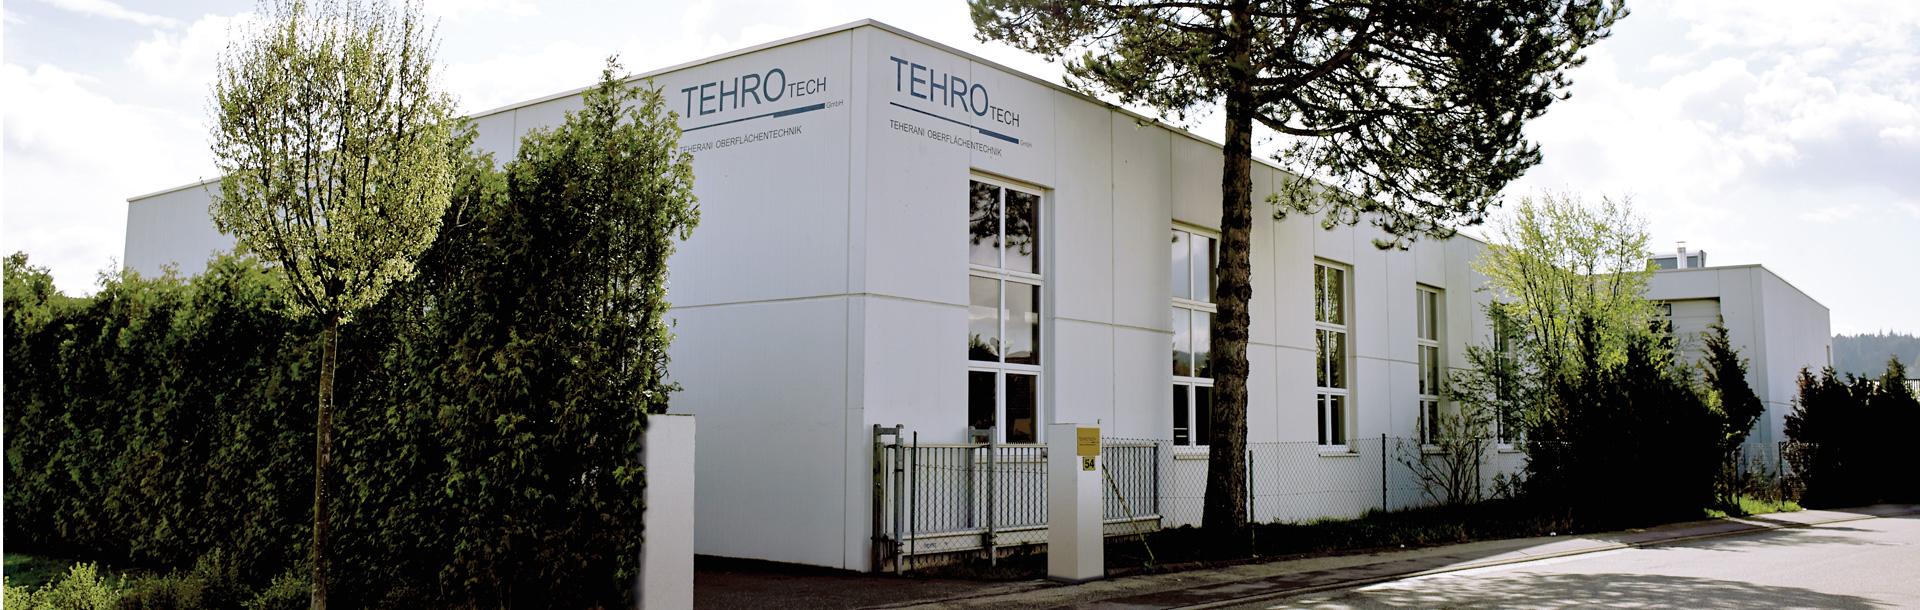 Tehrotech GmbH comany profile